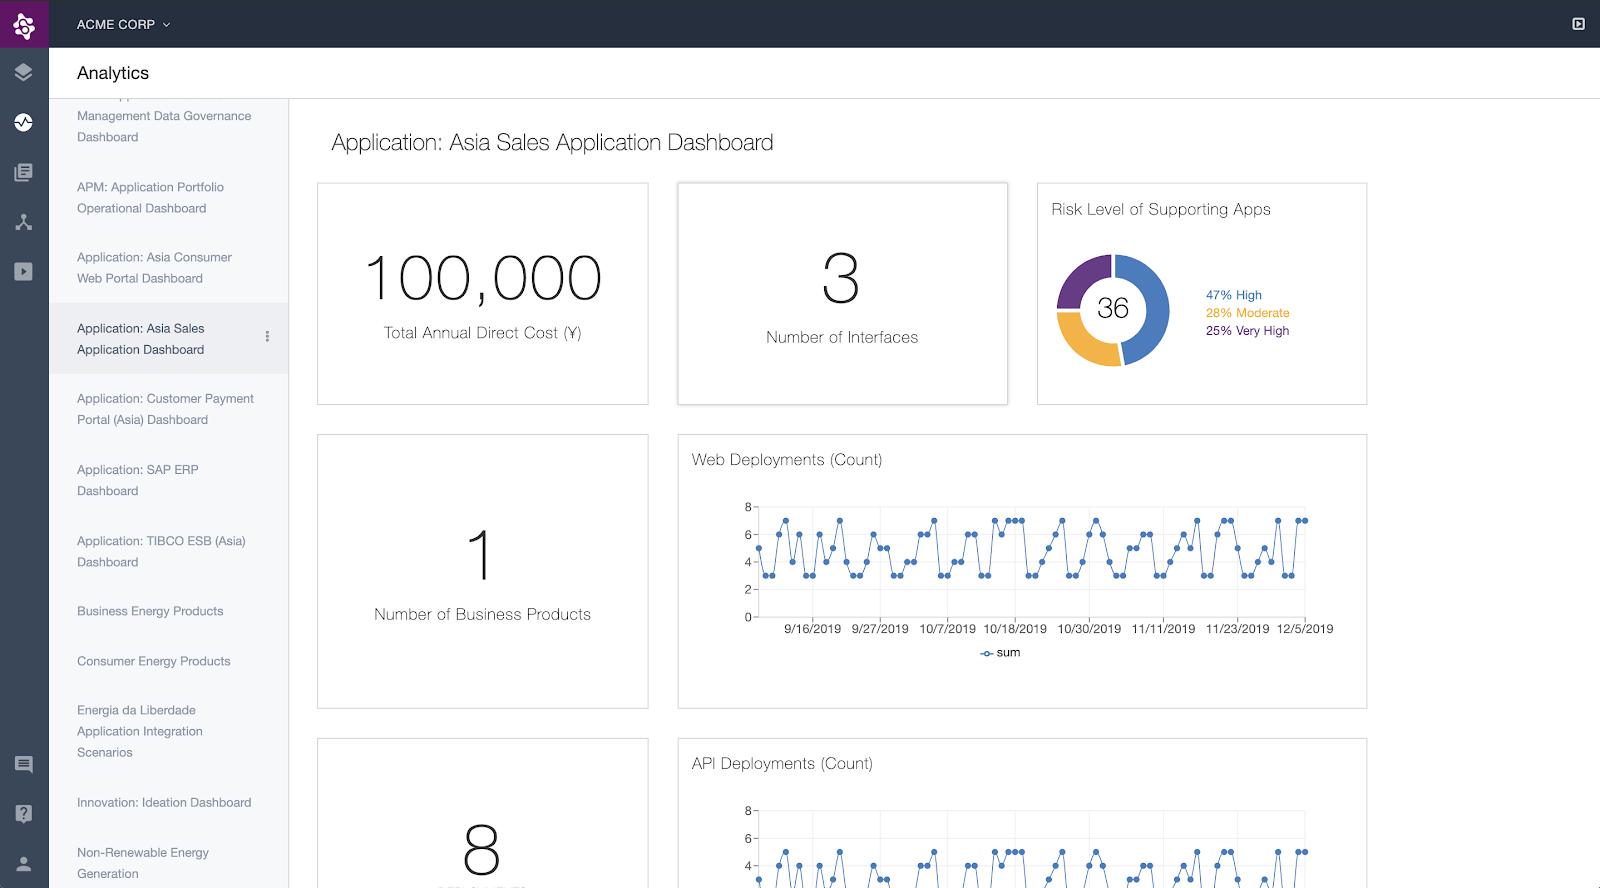 Ardoq generate Excel reports